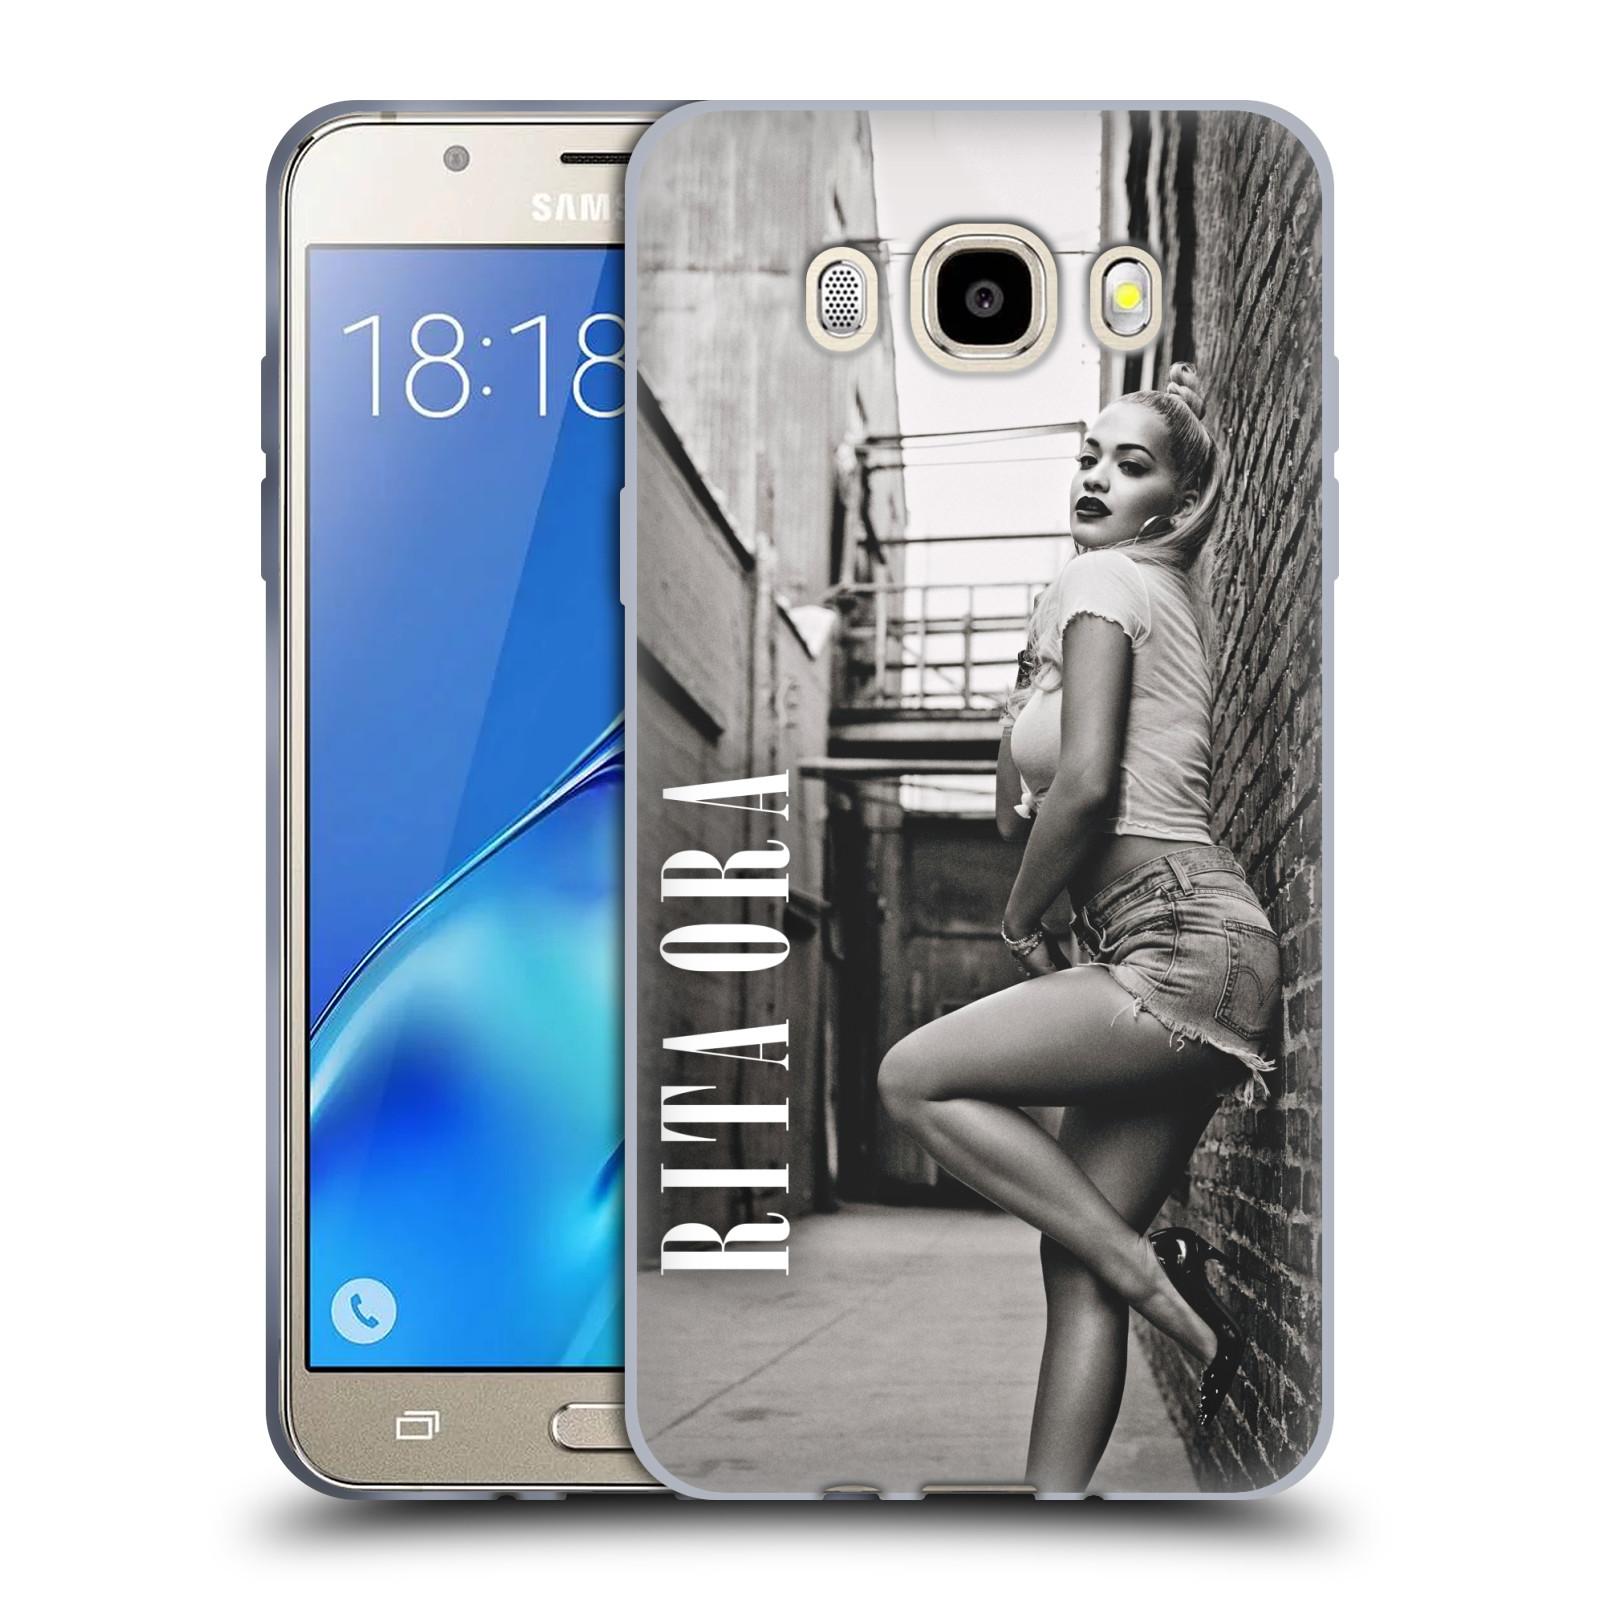 HEAD CASE silikonový obal na mobil Samsung Galaxy J5 2016 (J510) zpěvačka Rita Ora foto černobílá